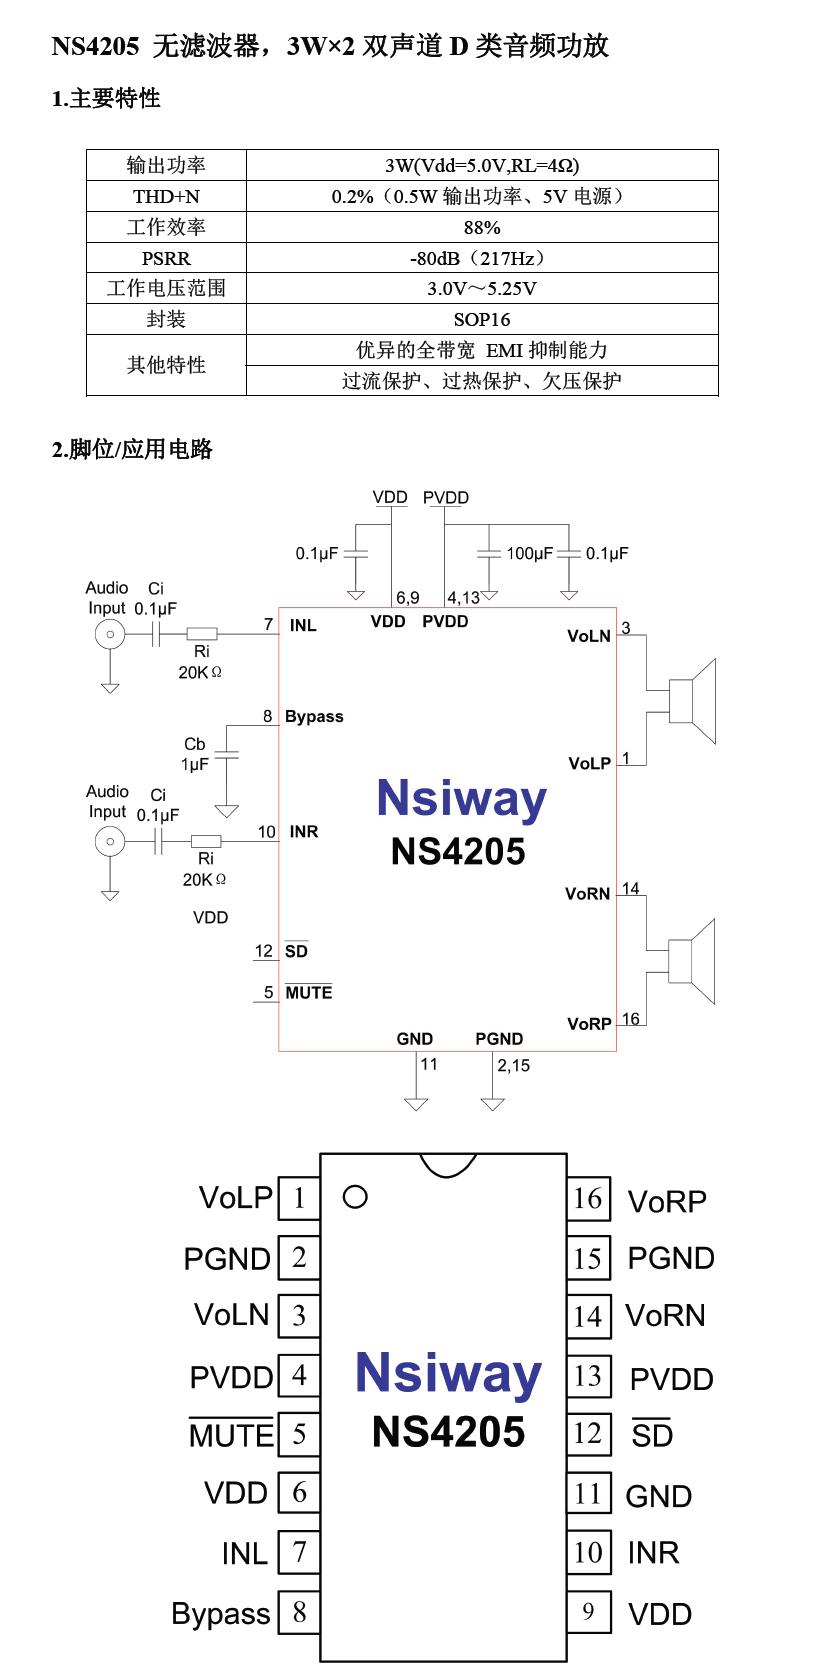 ns4205 无滤波器,3w×2双声道d类音频功放